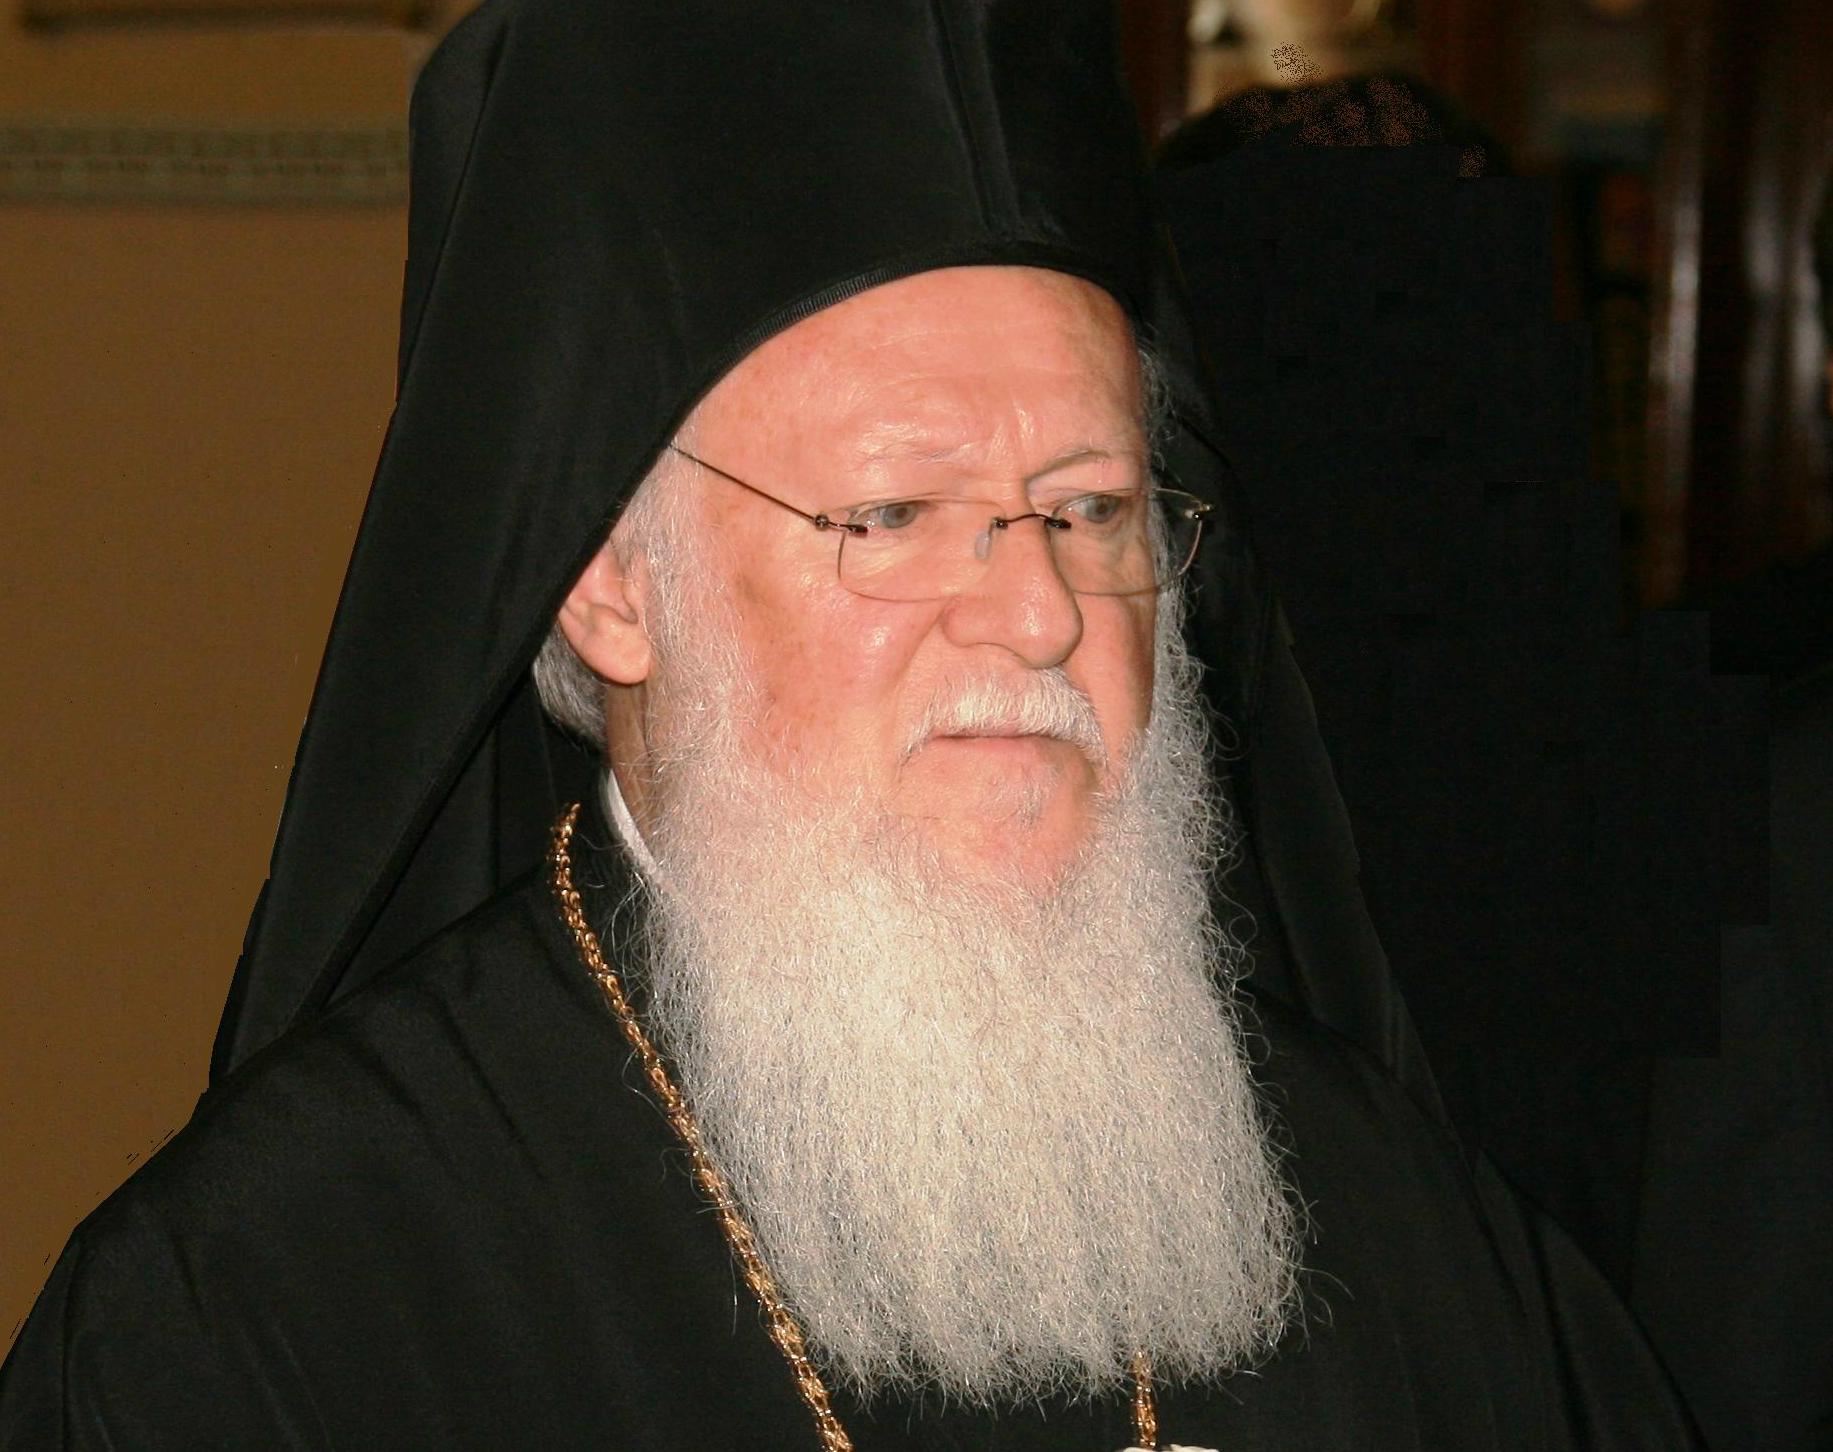 His Holiness Bartholomew I